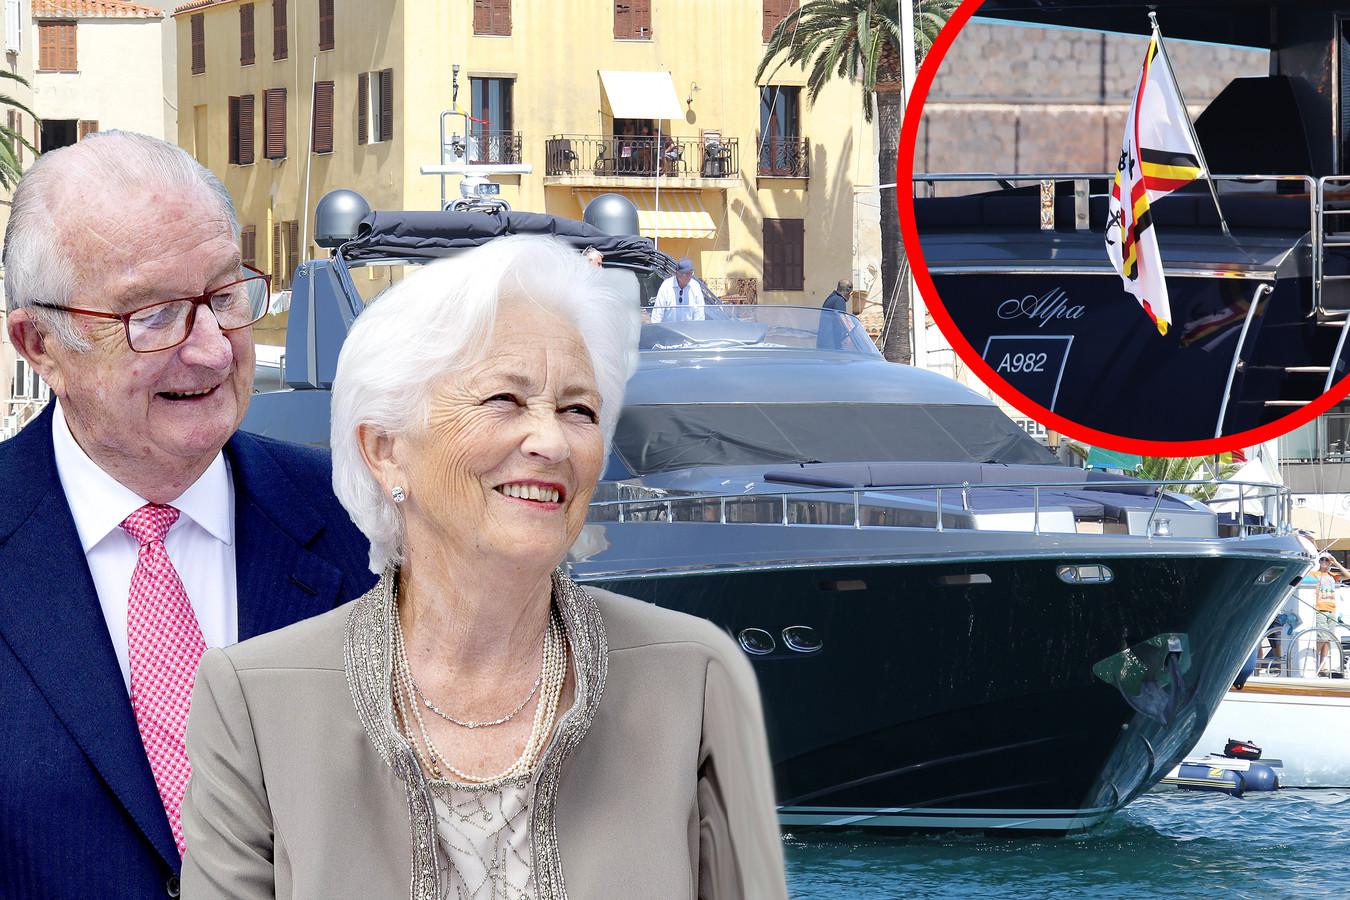 Koning Albert en koningin Paola genoten jarenlang van hun jacht Alpa IV, in 2009 aangekocht voor 4,6 miljoen euro. Het schip voer onder de vlag van de Belgische marine, hoewel het geen eigendom was van Defensie.